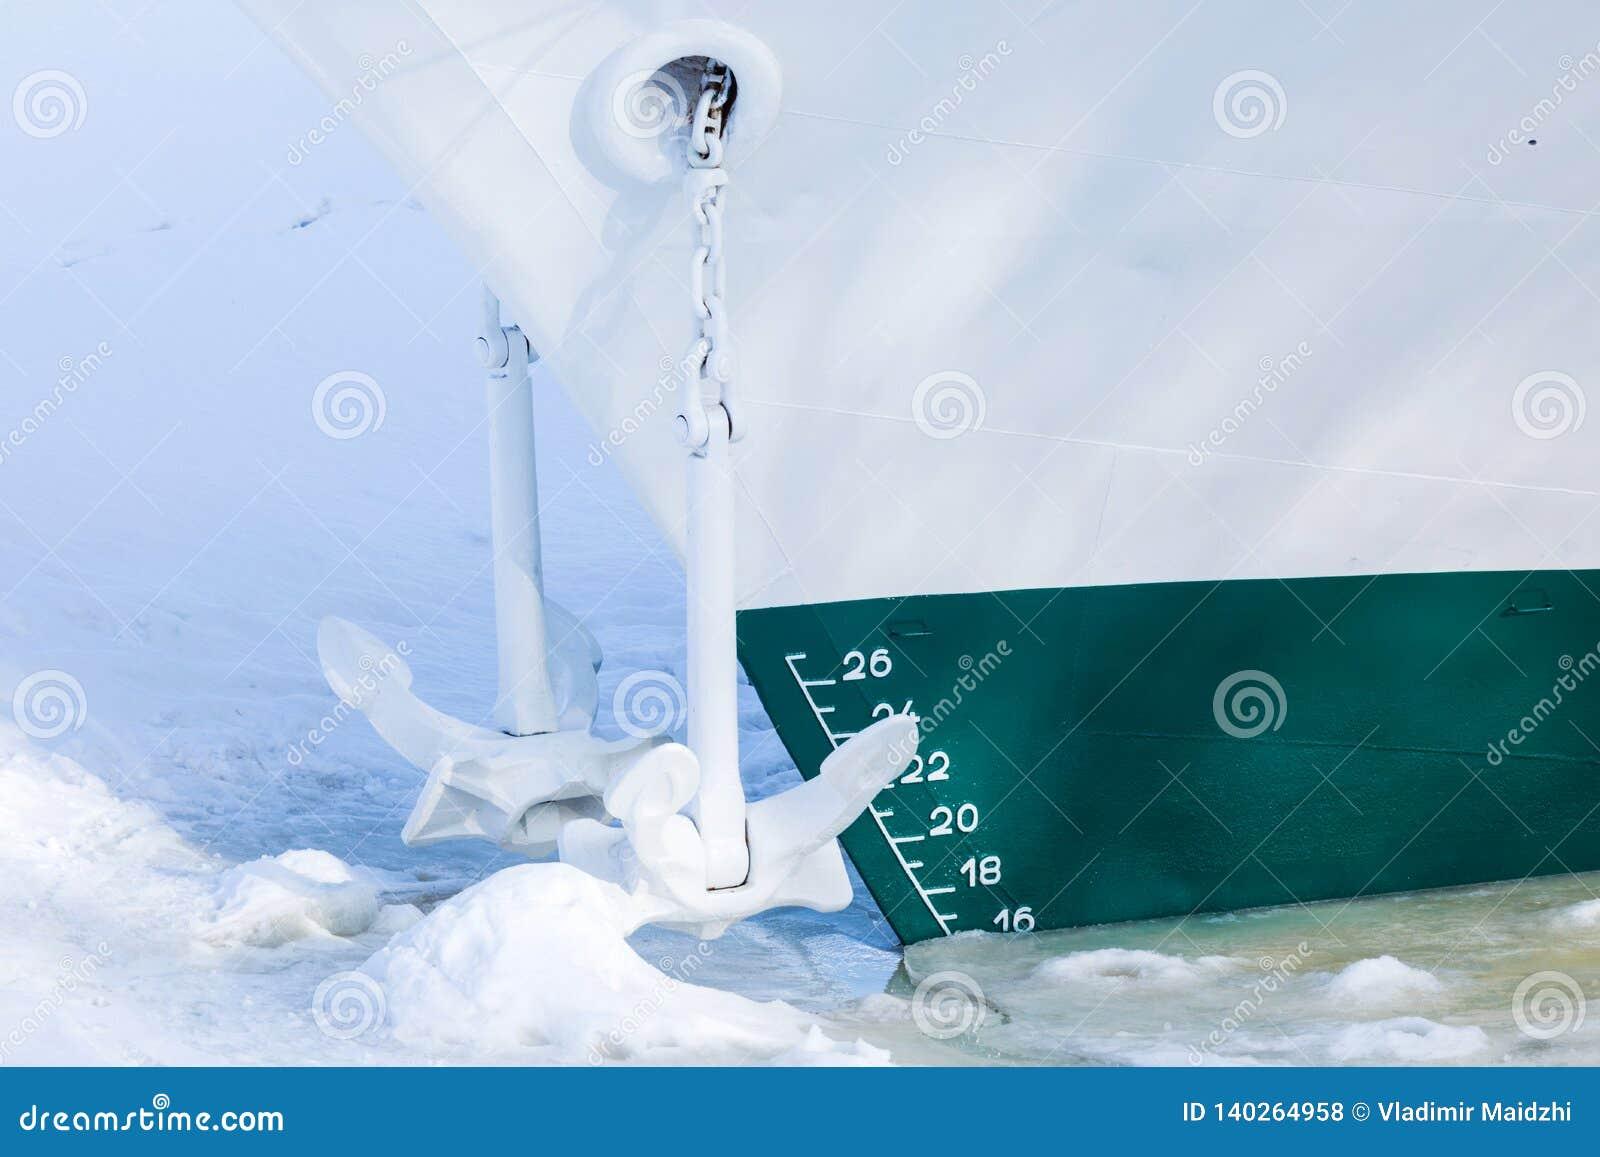 El final de la navegación La nave o el buque está en el cautiverio del hielo y de la nieve